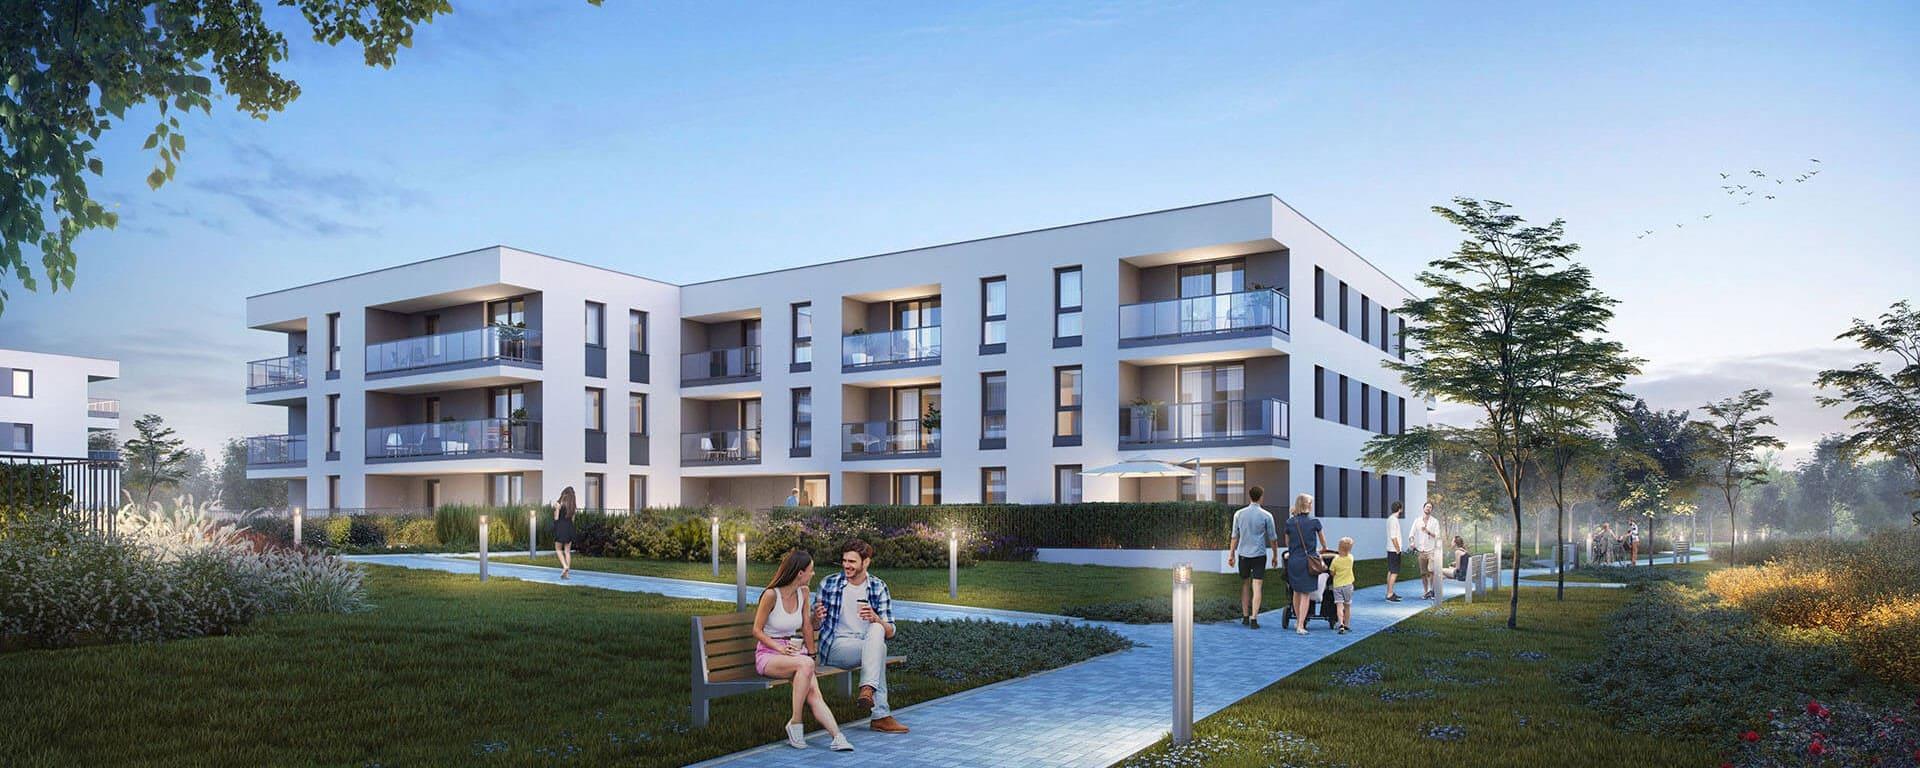 Nowe Mieszkania na Białołęce - III etap